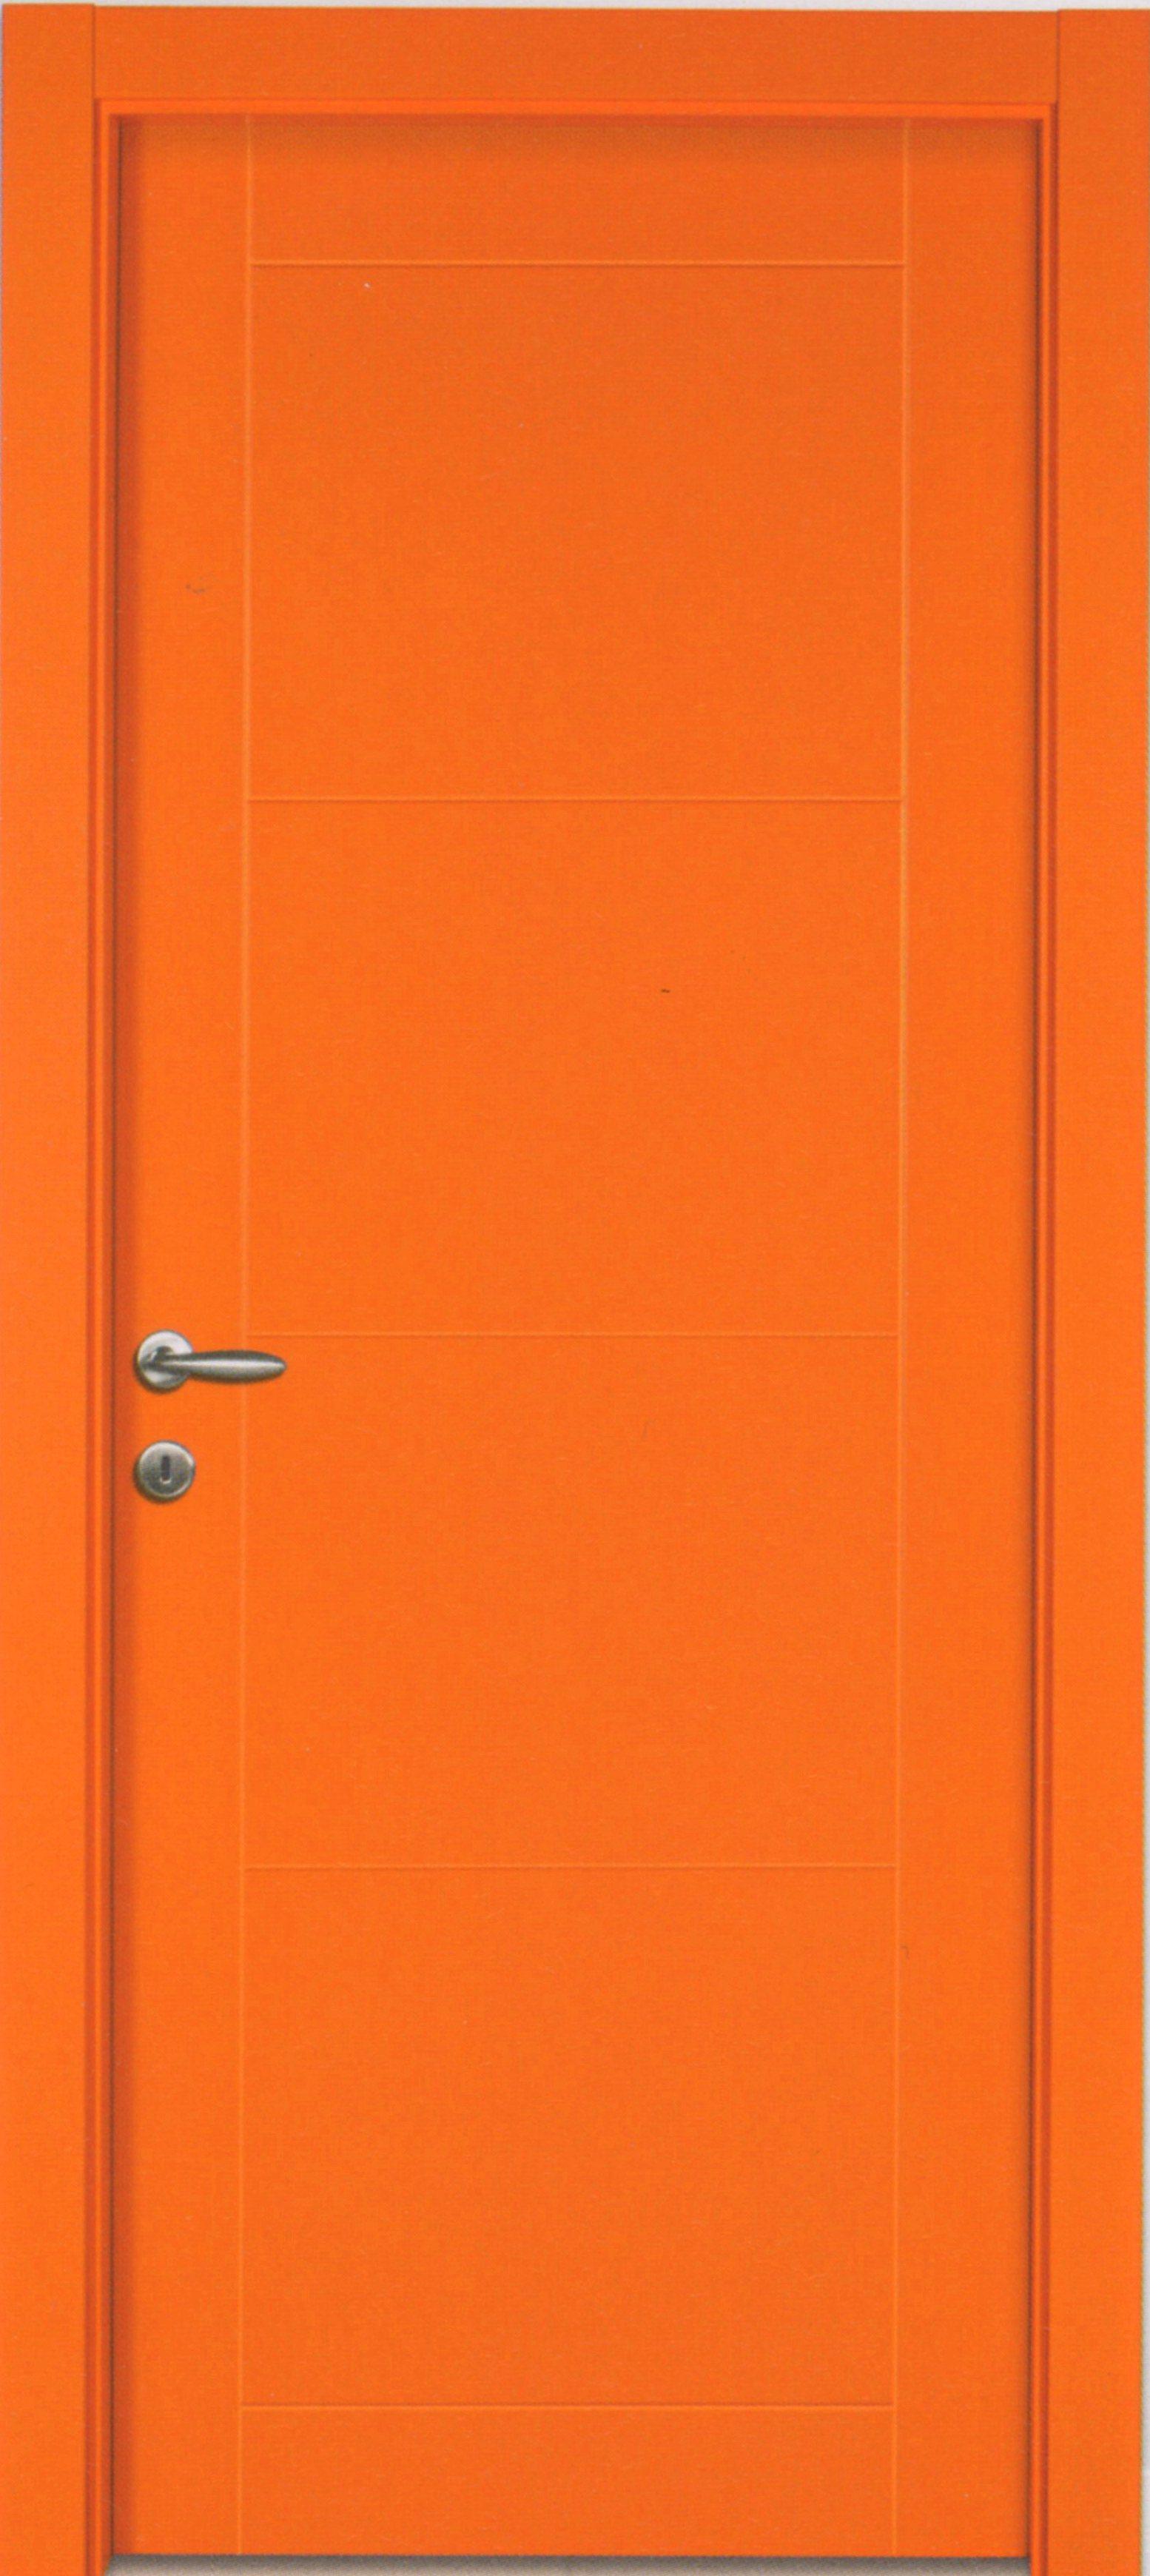 Porte interne in vero legno 18 modelli contemporanei in 17 - Modelli porte interne legno ...